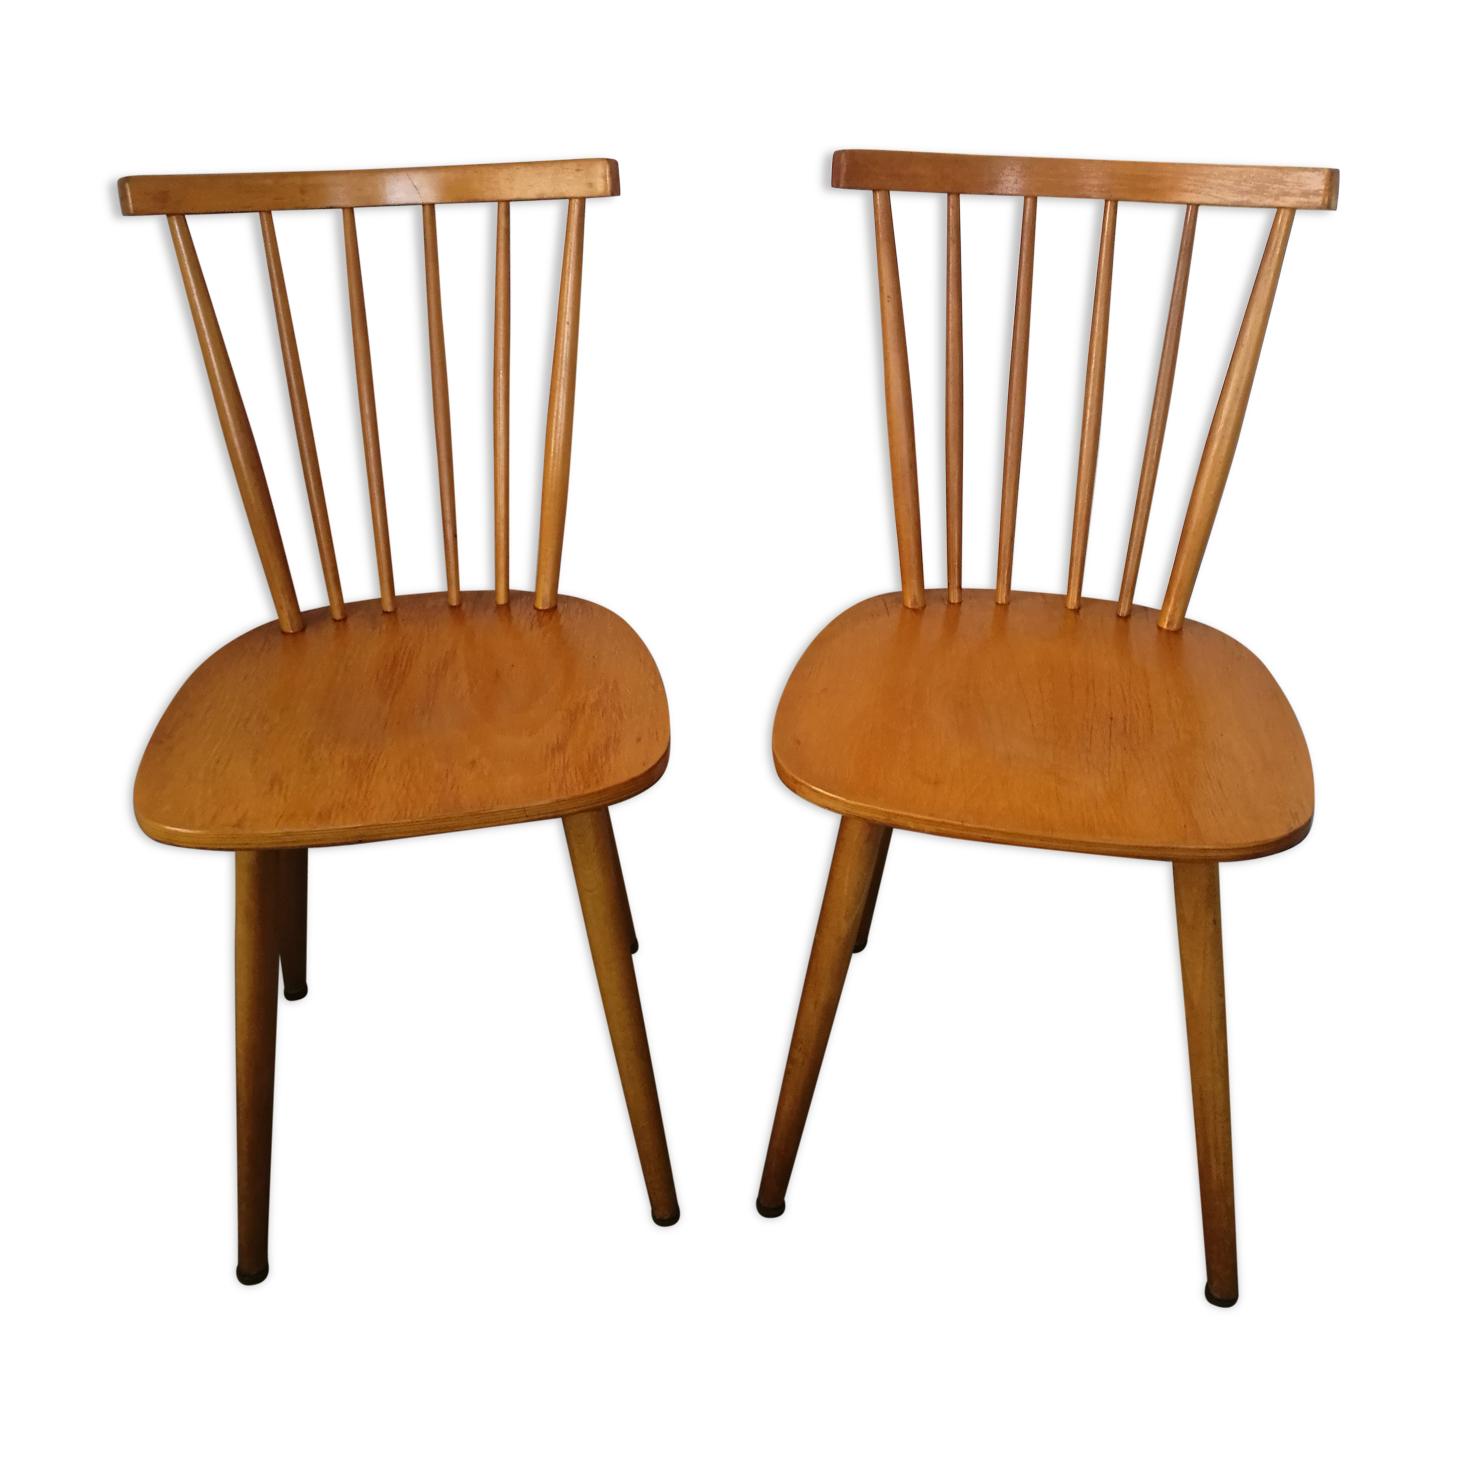 Paire de chaises à barreaux scandinaves